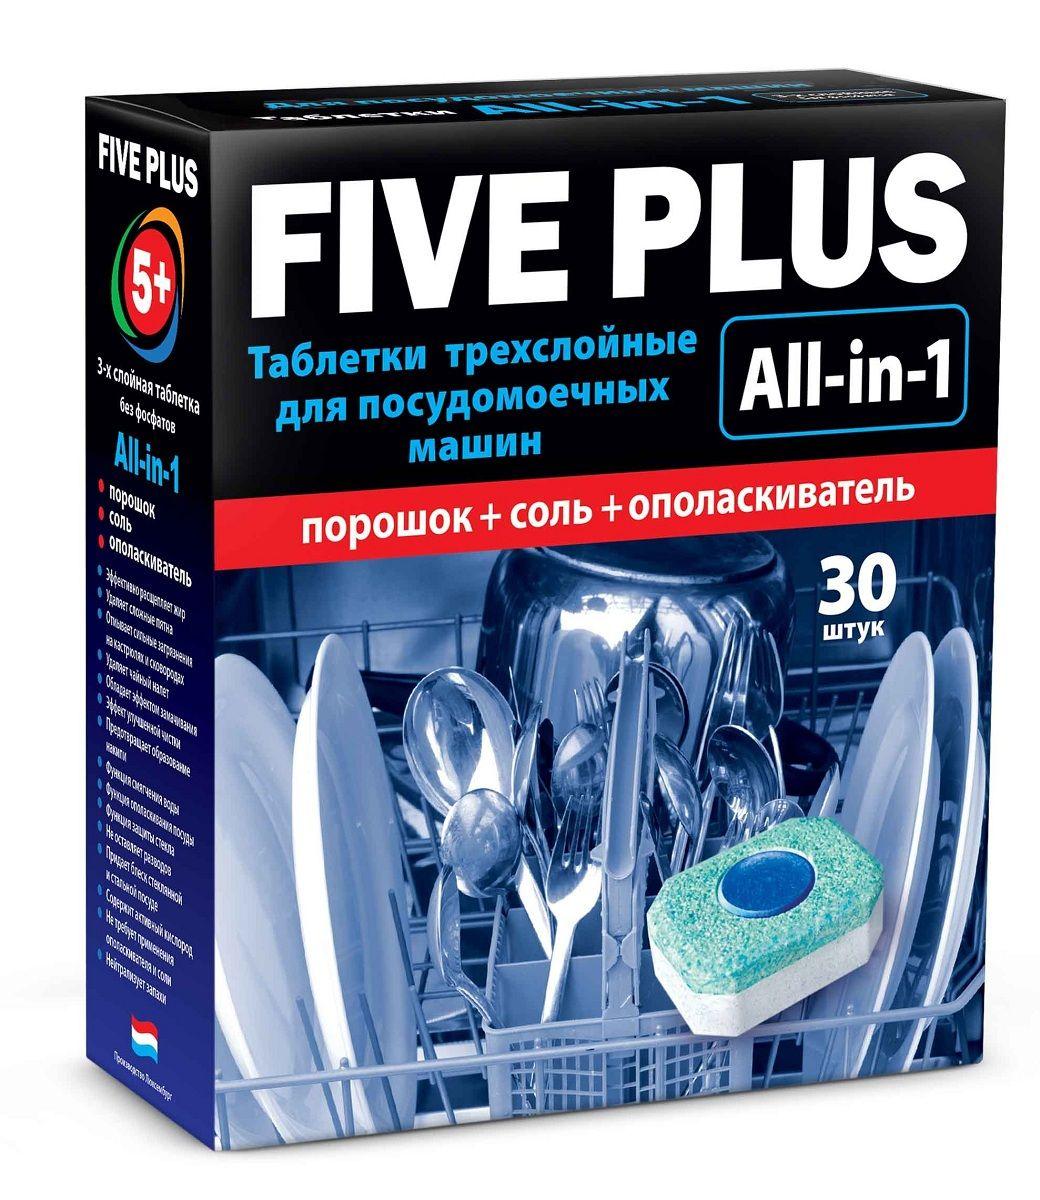 Таблетки для посудомоечных машин 5+ Five Plus, 30 шт1302Таблетки для посудомоечных машин 5+ Five Plus содержат мощные компоненты для удаления сильных загрязнений на кастрюлях и сковородах. Не требуют дополнительно применения соли и ополаскивателя. Без фосфатов.• Эффективно расщепляют жир • Удаляют сложные пятна• Отмывают сильные загрязнения на кастрюлях и сковородах • Удаляют чайный налет • Обладают эффектом замачивания • Эффект улучшенной чистки• Предотвращают образование накипи• Функция смягчения воды• Функция ополаскивания посуды• Не оставляют разводов• Придают блеск стеклянной и стальной посуде• Содержат активный кислород• Функция защиты стекла • Не требуют применения ополаскивателя и соли• Нейтрализуют запахиСостав: >5 %, но менее 15%: поликарбоксилаты, отбеливатель на основе кислорода, <5%: НПАВ, фосфонаты, ароматизирующая добавка, энзимы.